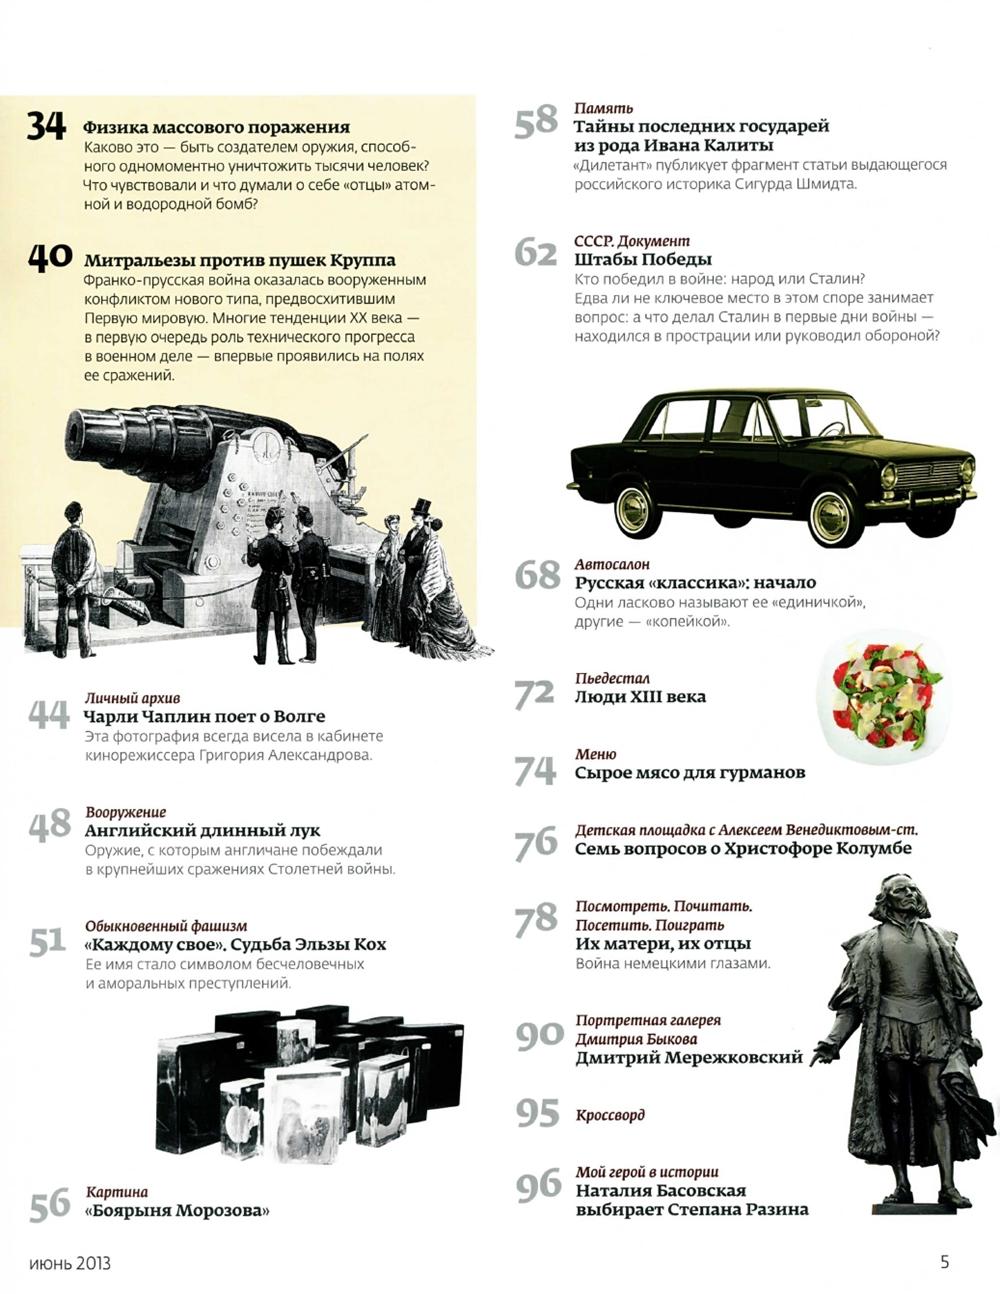 http://images.vfl.ru/ii/1404419757/48e3753a/5616596.jpg